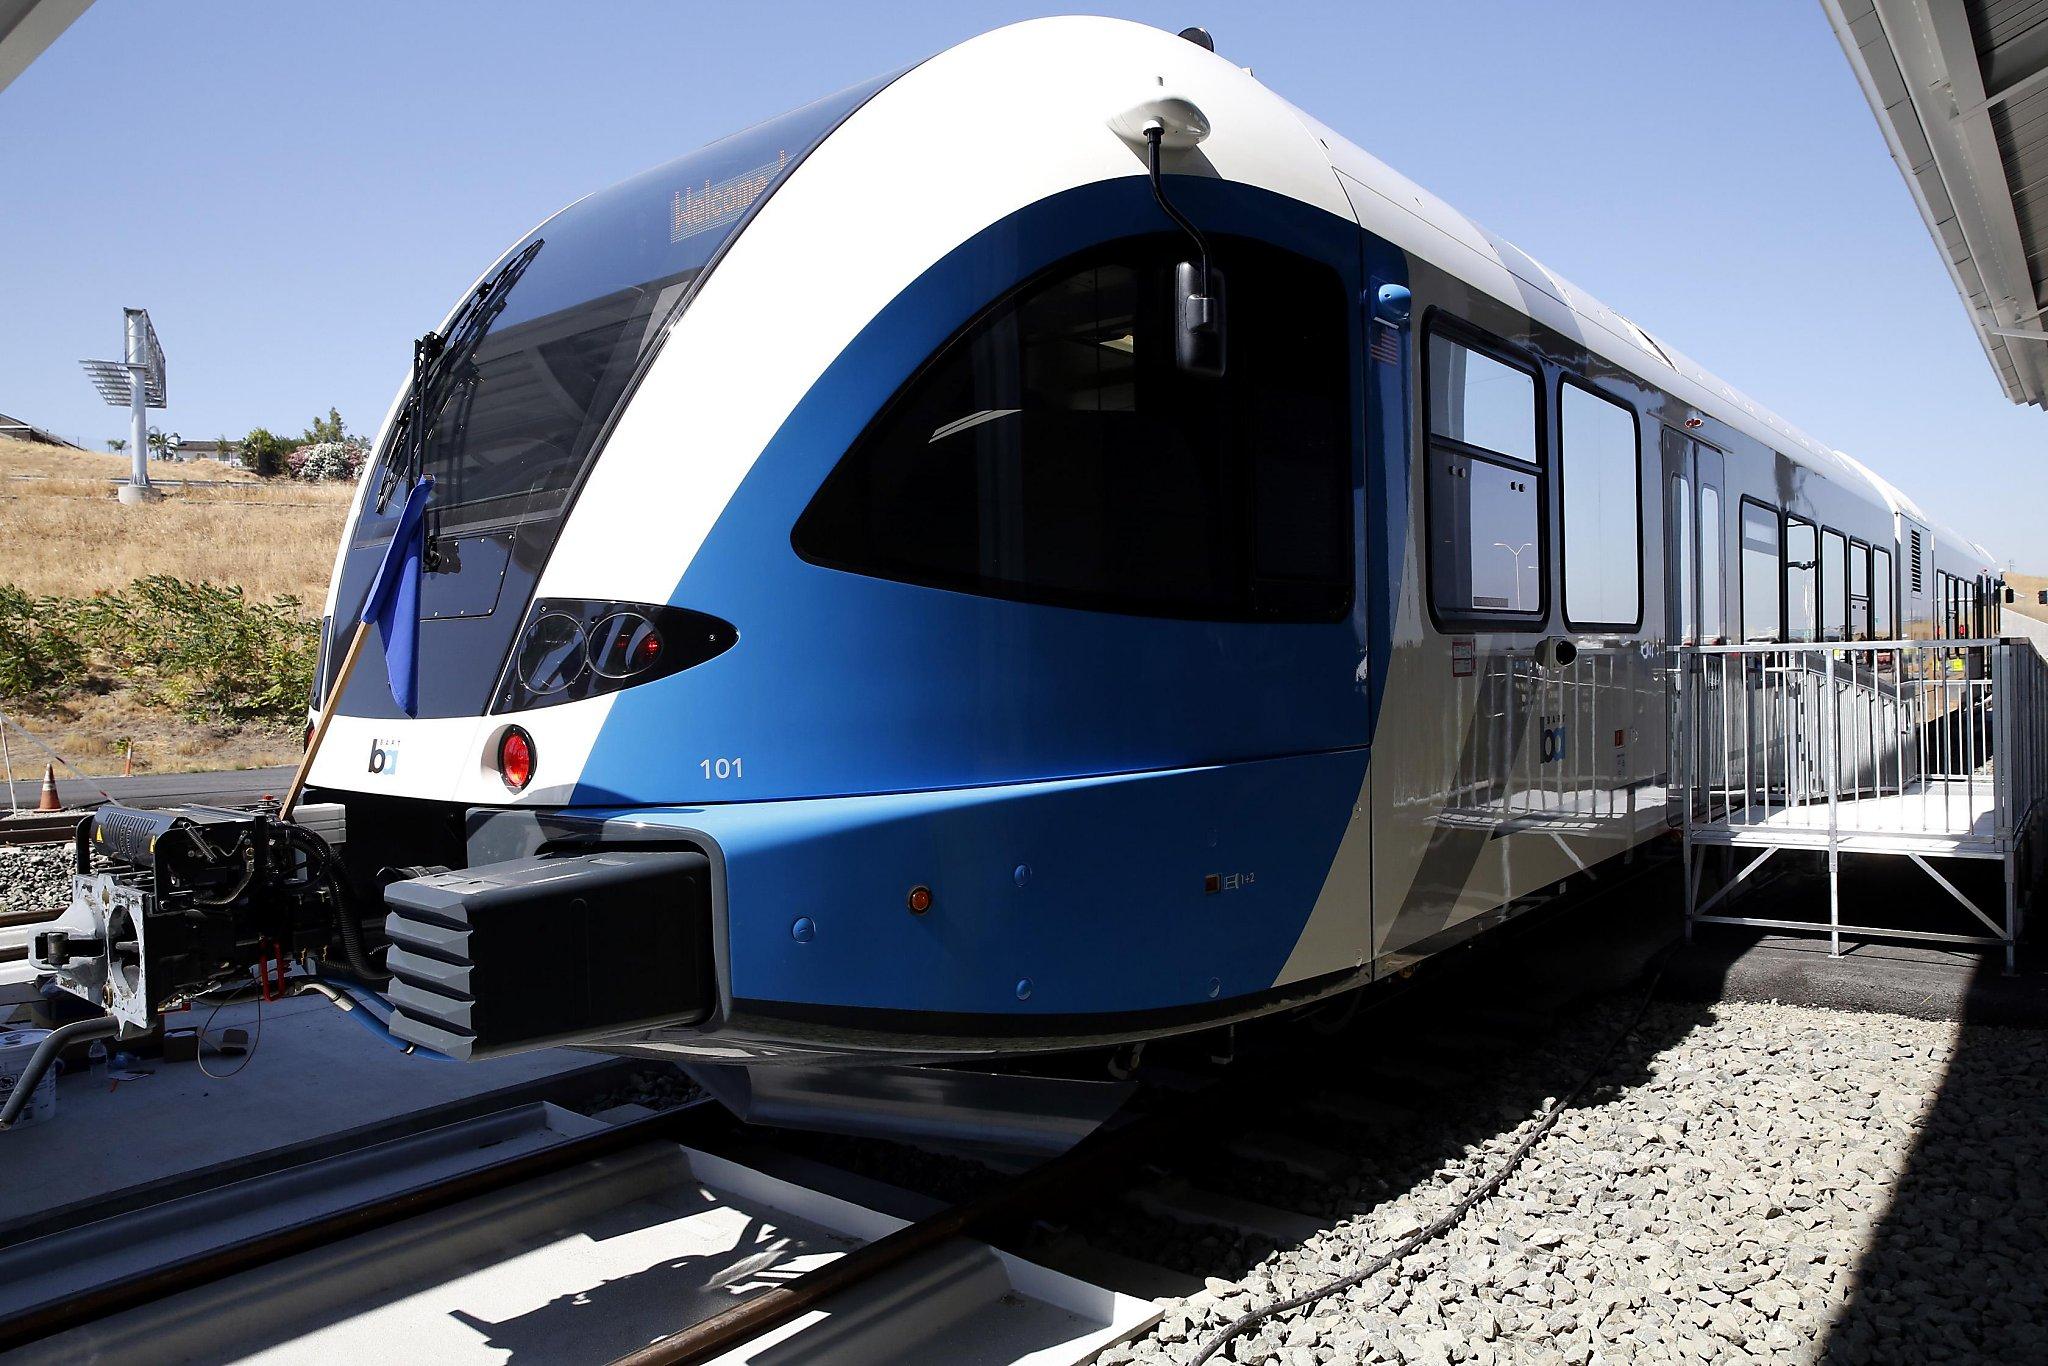 BART welcomes a new kind of train SFGate